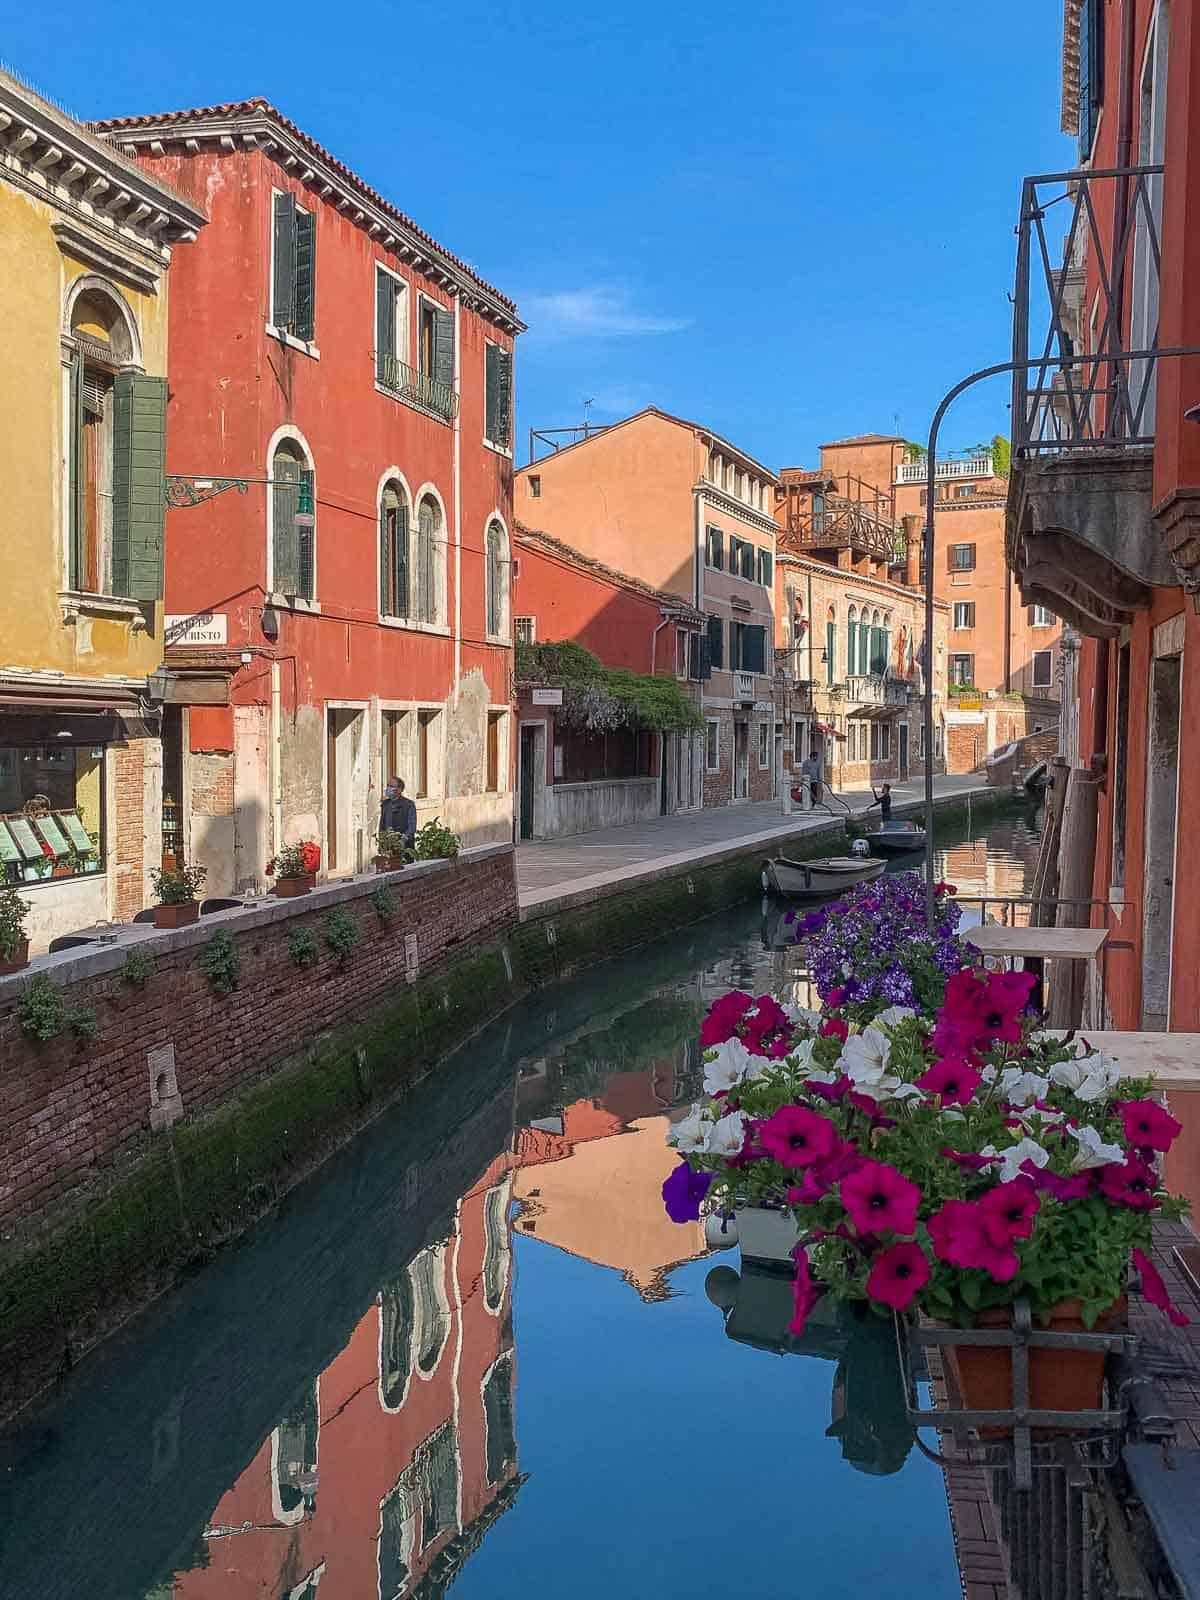 Spring time in Venice